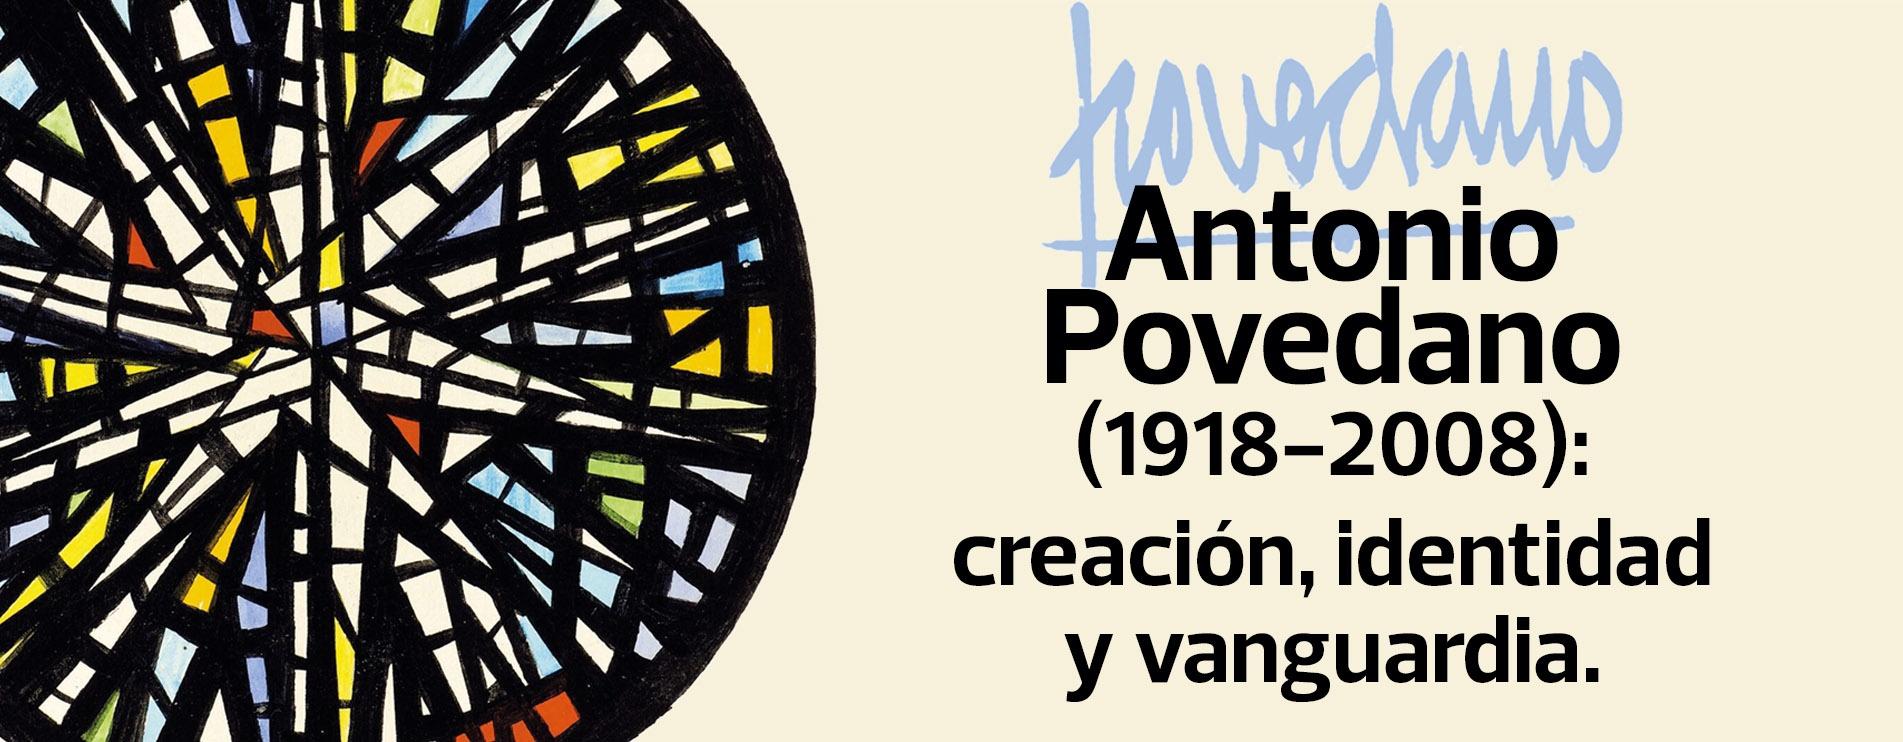 Antonio Povedano (1918-2008): creación, identidad y vanguardia